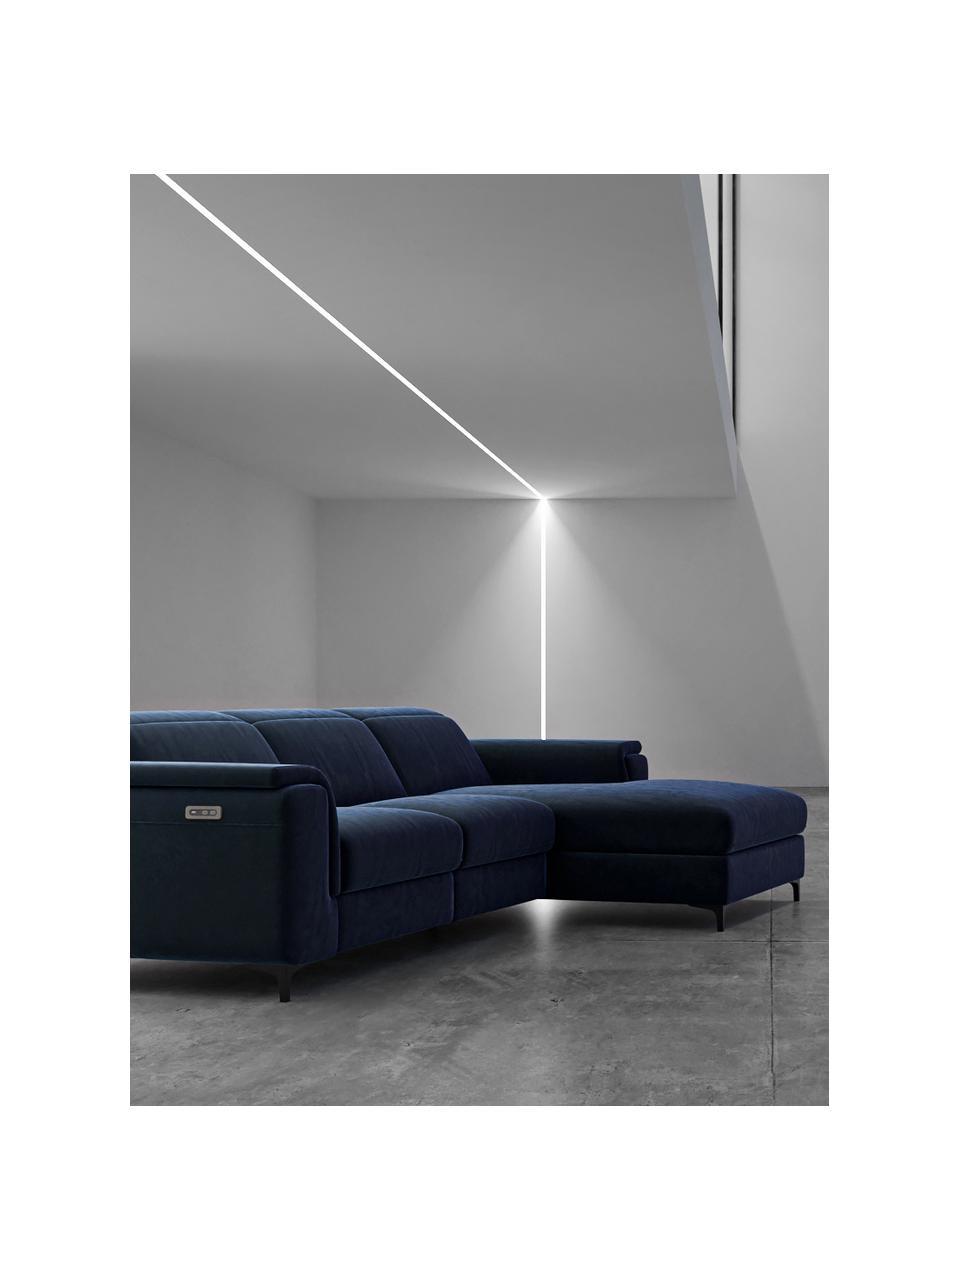 Divano angolare in velluto blu con funzione relax Brito, Rivestimento: 100% velluto di poliester, Sottostruttura: compensato, legno di fagg, Blu, Larg. 300 x Prof. 170 cm